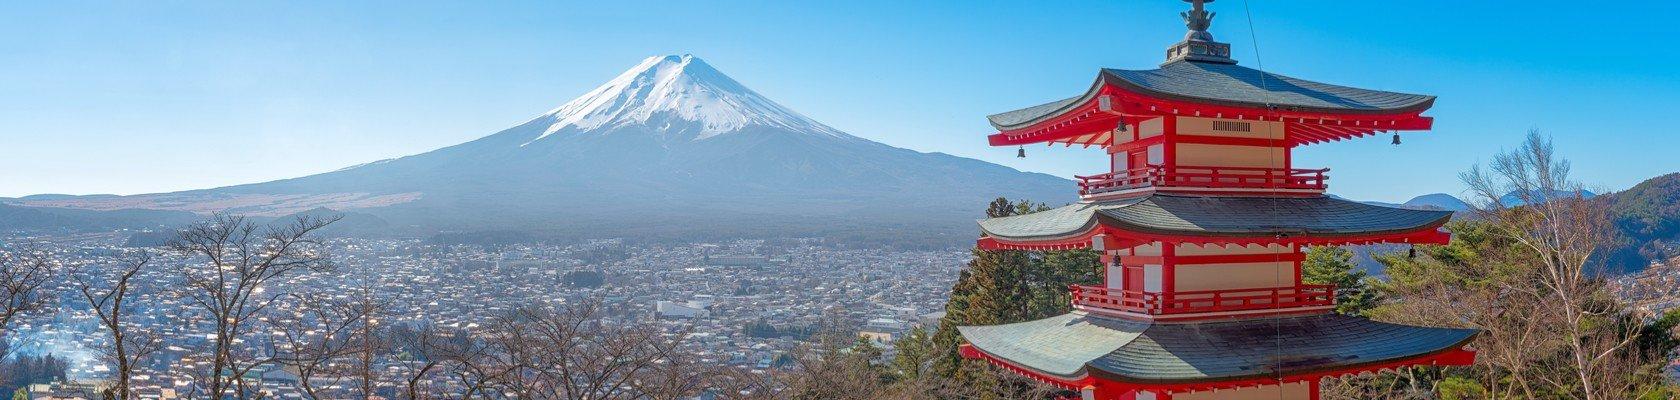 Mount Fuji en de Chureito Pagode